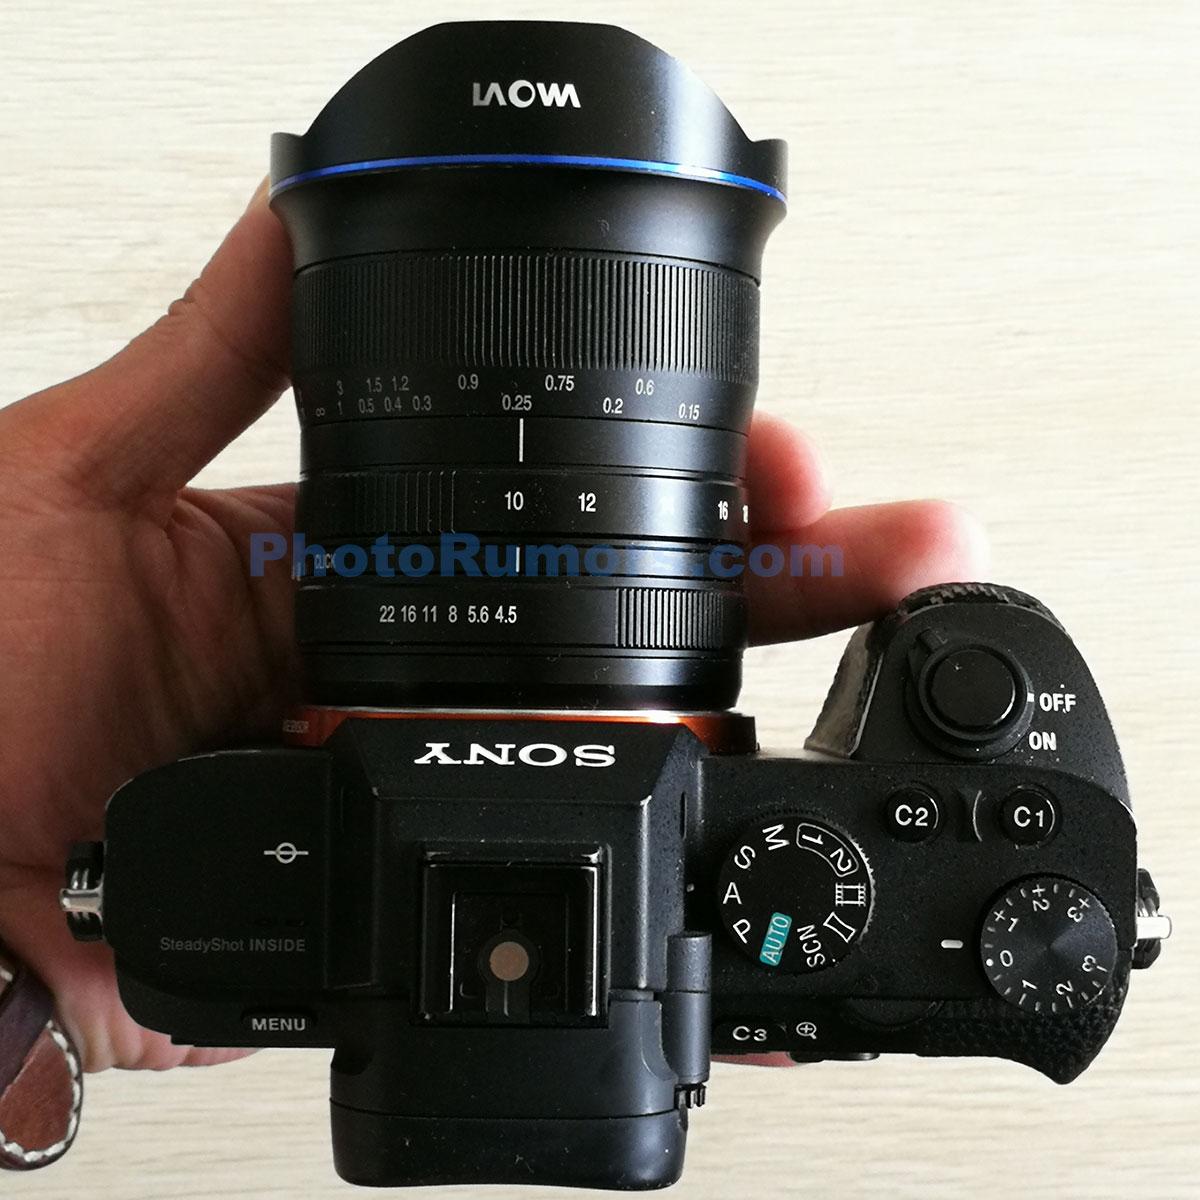 Laowa 10-18mm f/3.5-4.5 на камере Sony